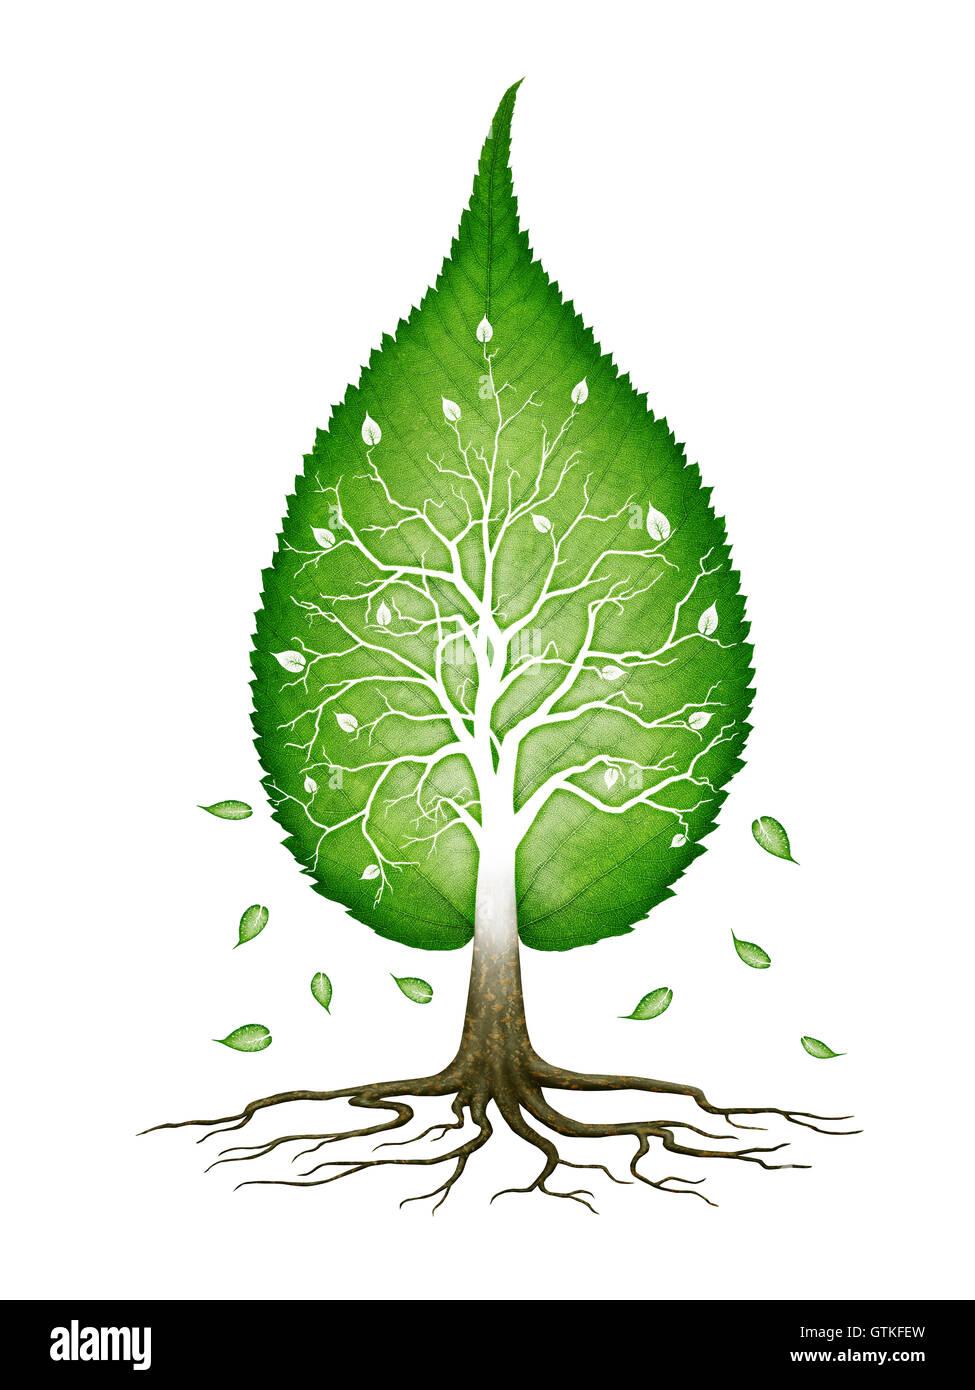 Verde a forma di foglie di albero con rami e radici natura infinita frattali spirituali concetto zen isolati su Immagini Stock